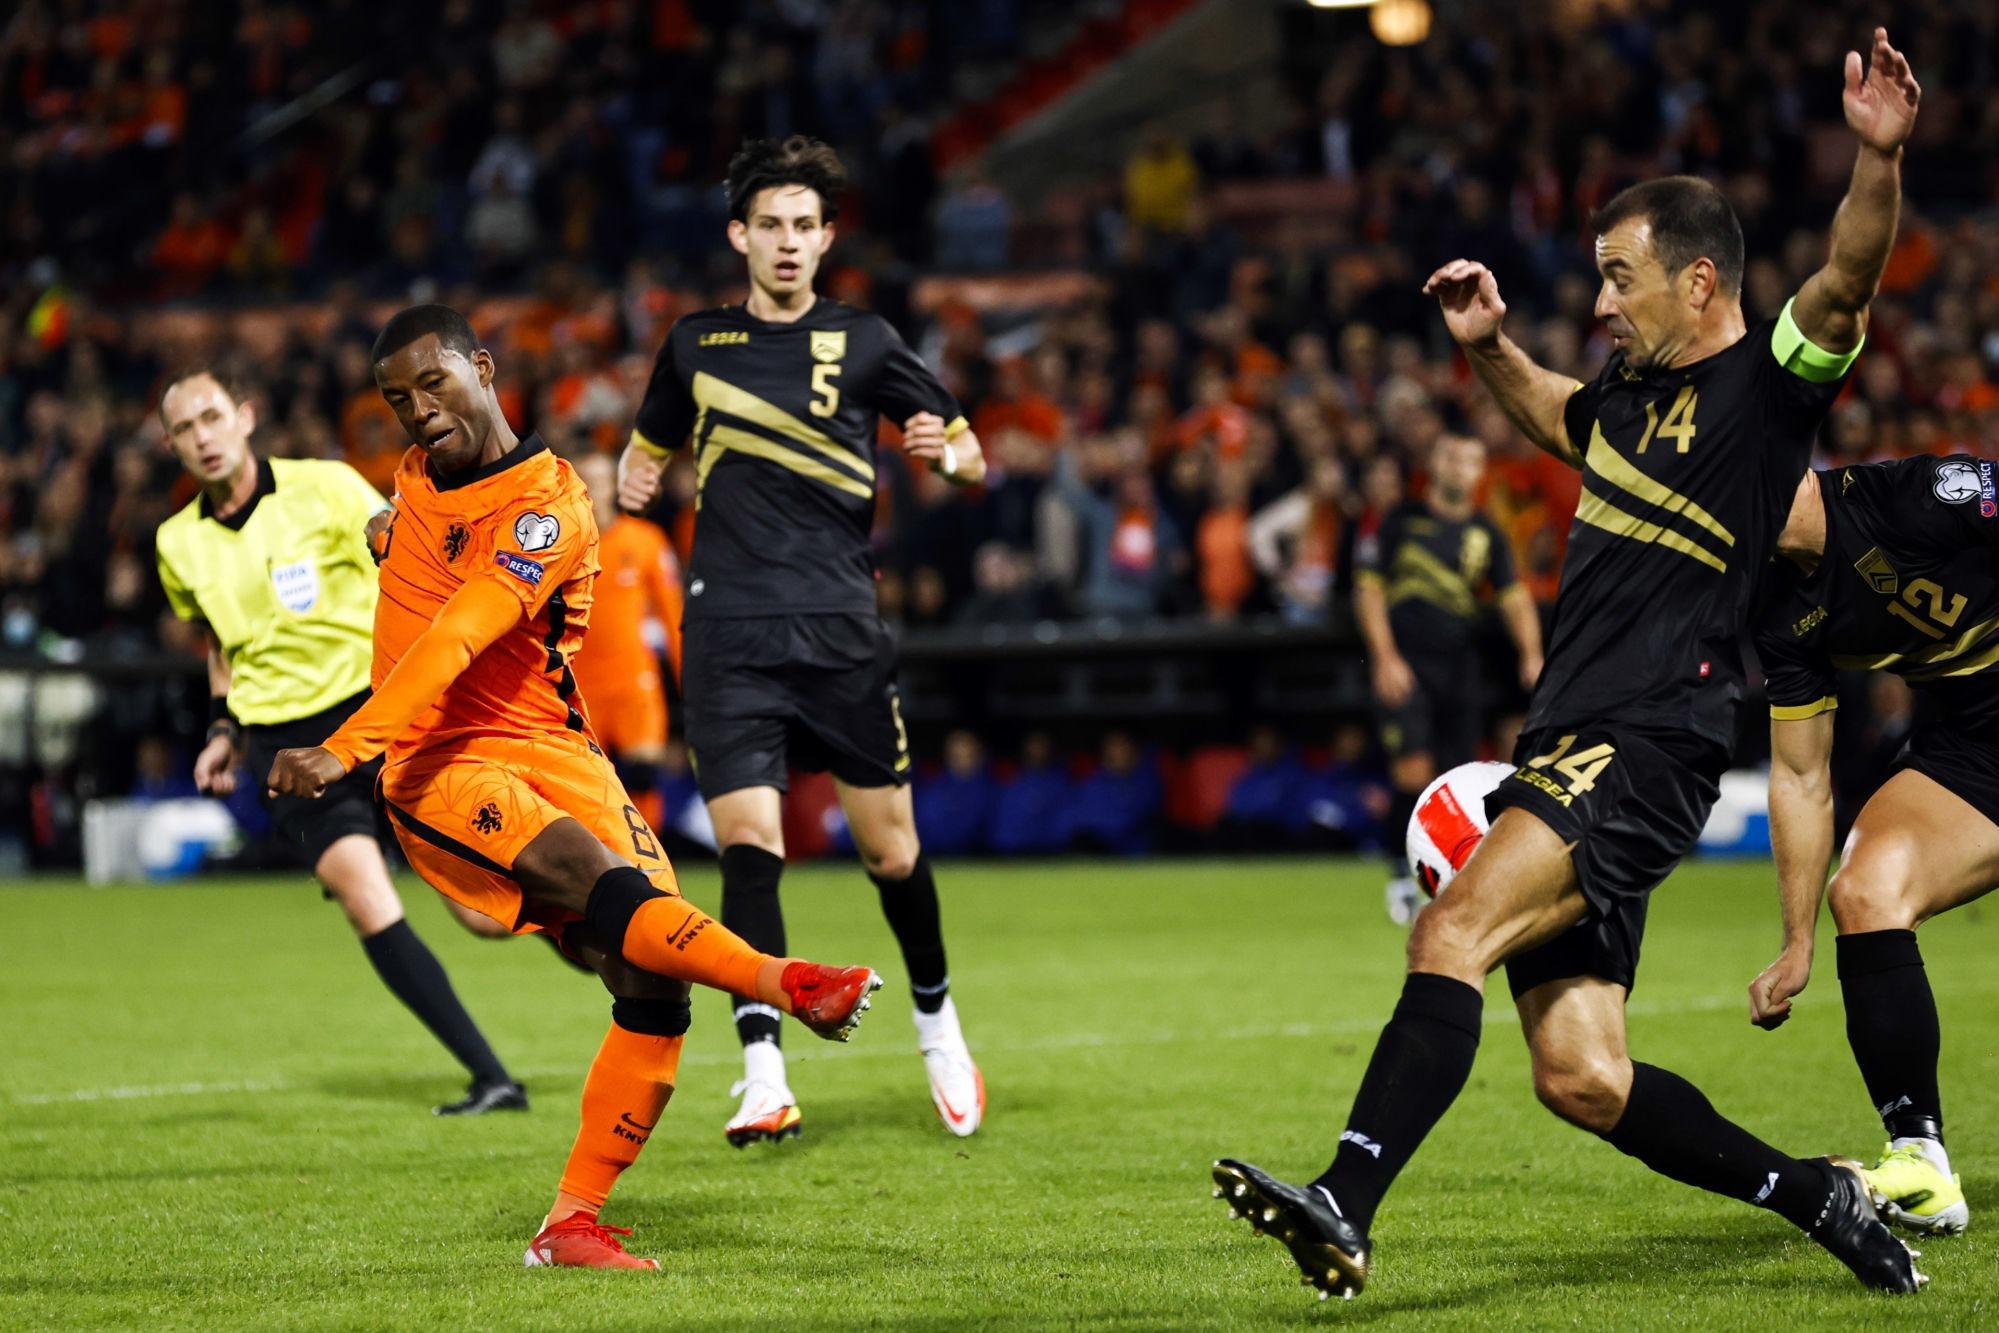 Pays-Bas/Gibraltar - Wijnaldum titulaire peu convaincant lors de la large victoire